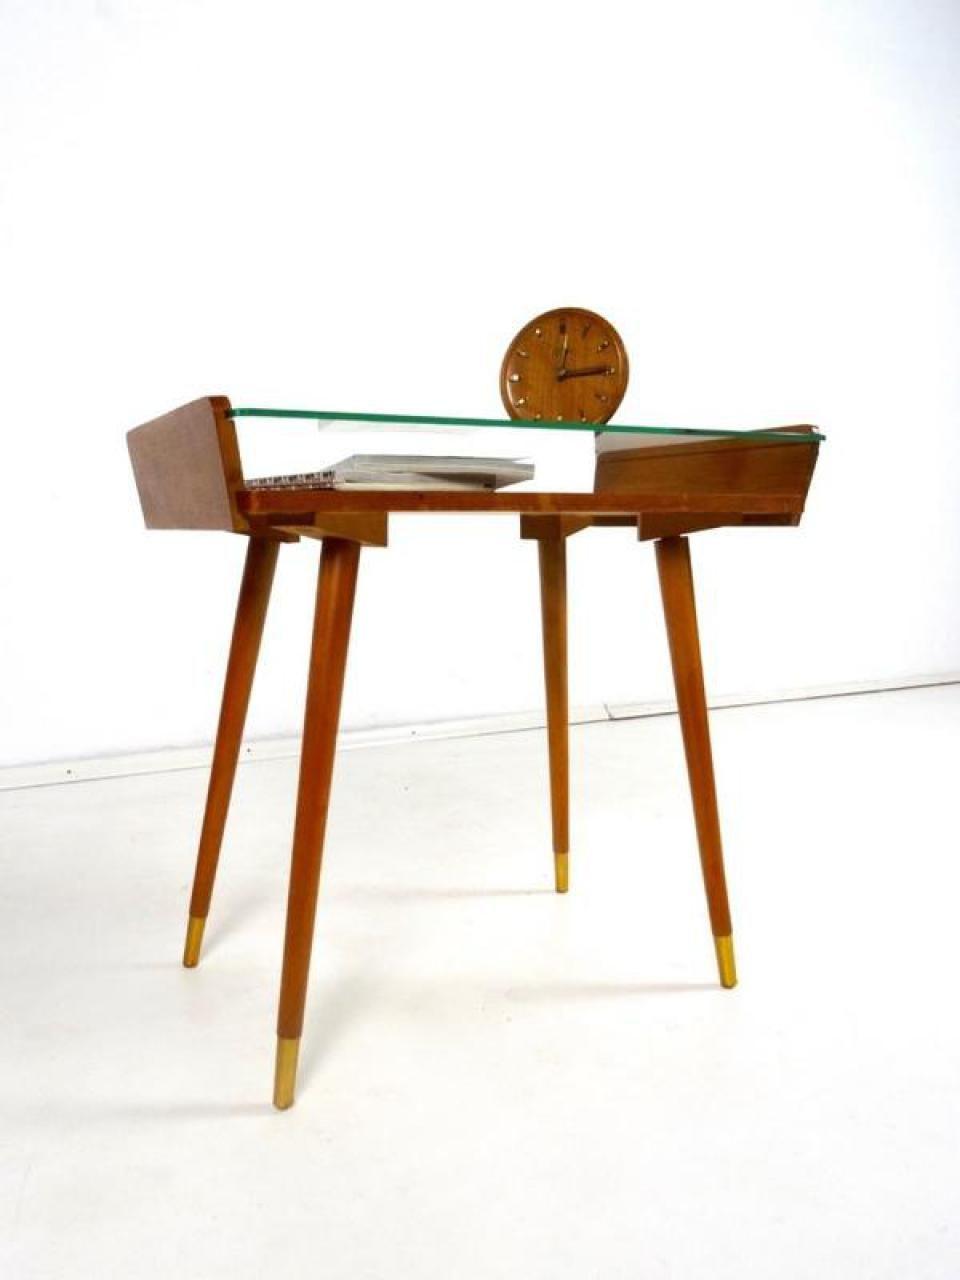 Bild 6 - Designermöbel, Klassiker - SELTENER 50ER VINTAGE ...